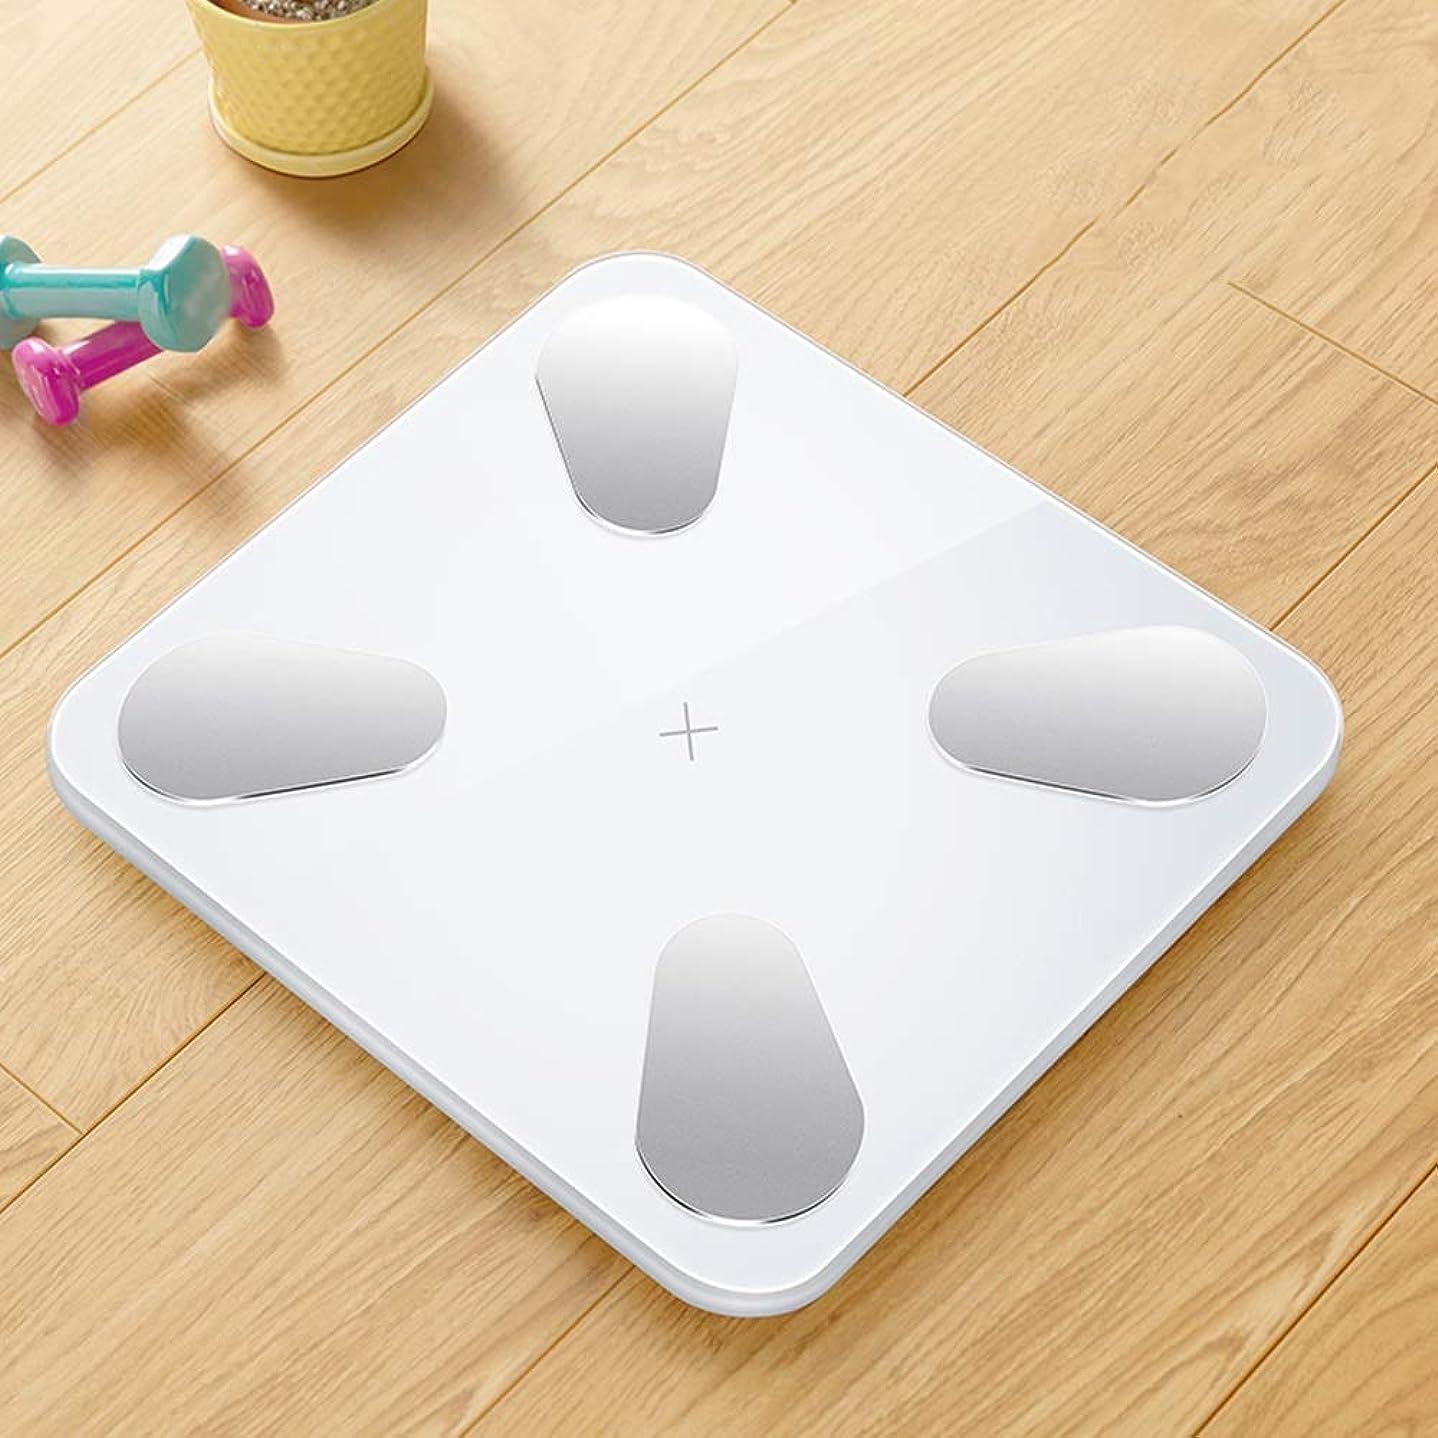 些細雪些細XF 体重計?体脂肪計 体脂肪計 - 精密電子体重計スマートAPP大人の世帯の体重体脂肪計健康スケール減量スケール 測定器 (色 : C)